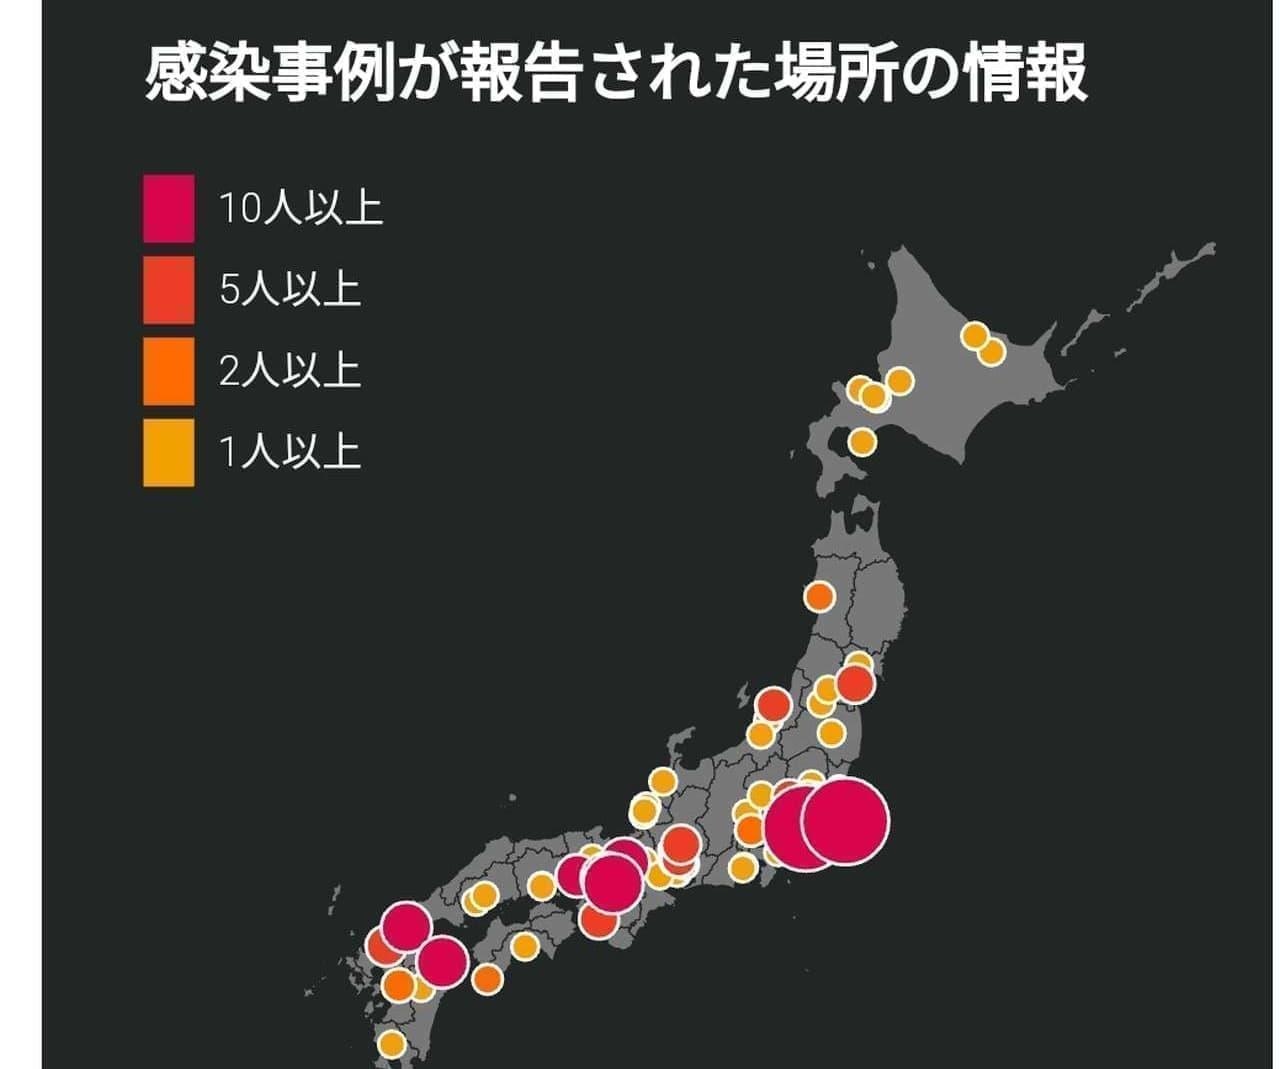 新型コロナウイルス「感染事例が報告された場所の情報」マップ